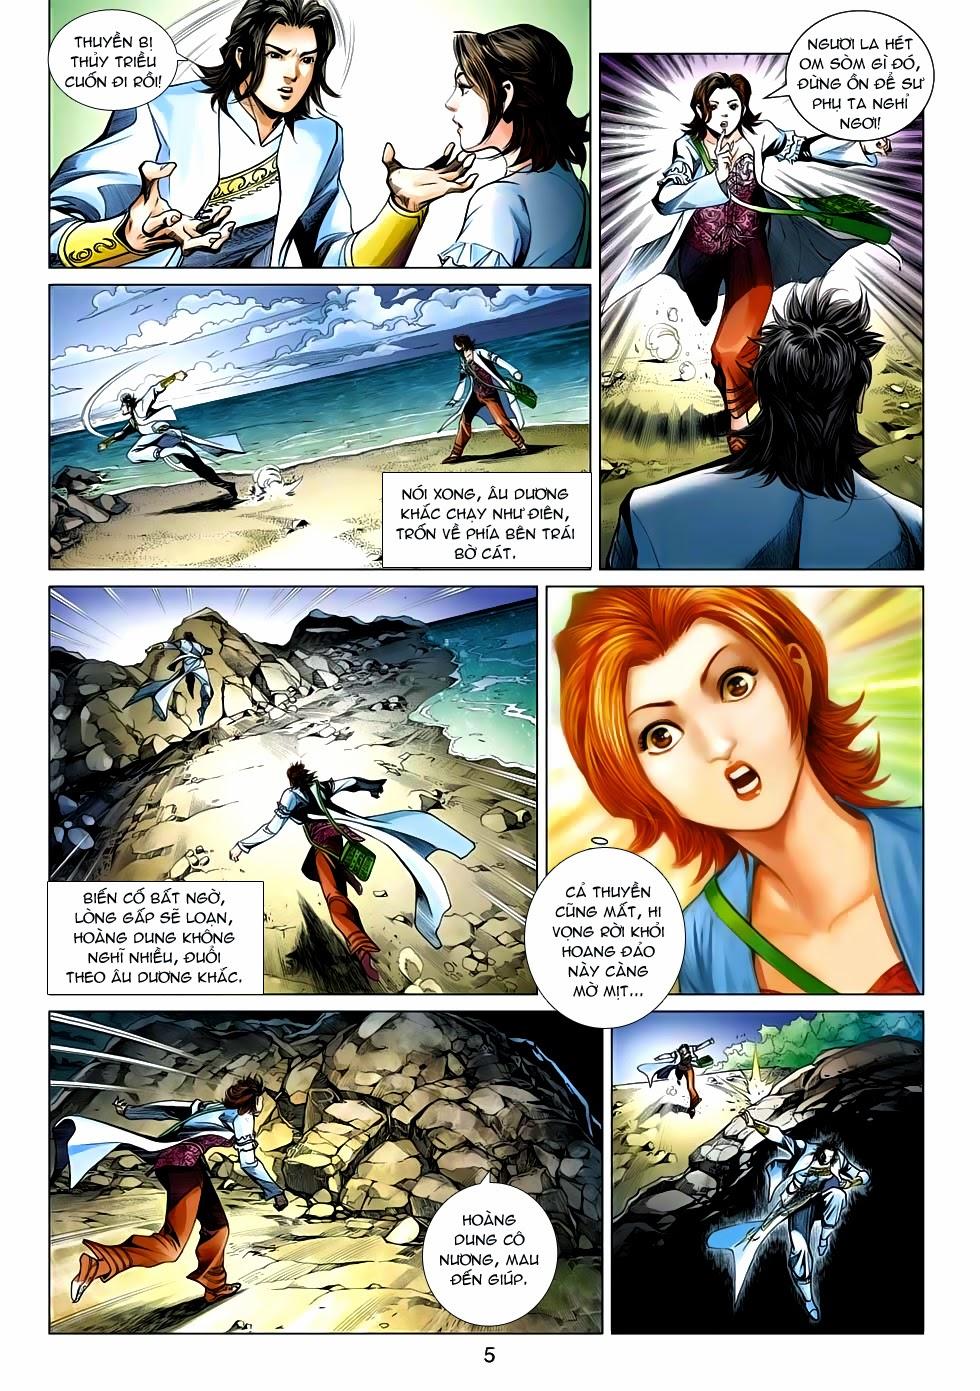 Anh Hùng Xạ Điêu anh hùng xạ đêu chap 54: kiếp hậu dư sinh thiến nữ kỳ mưu trang 5